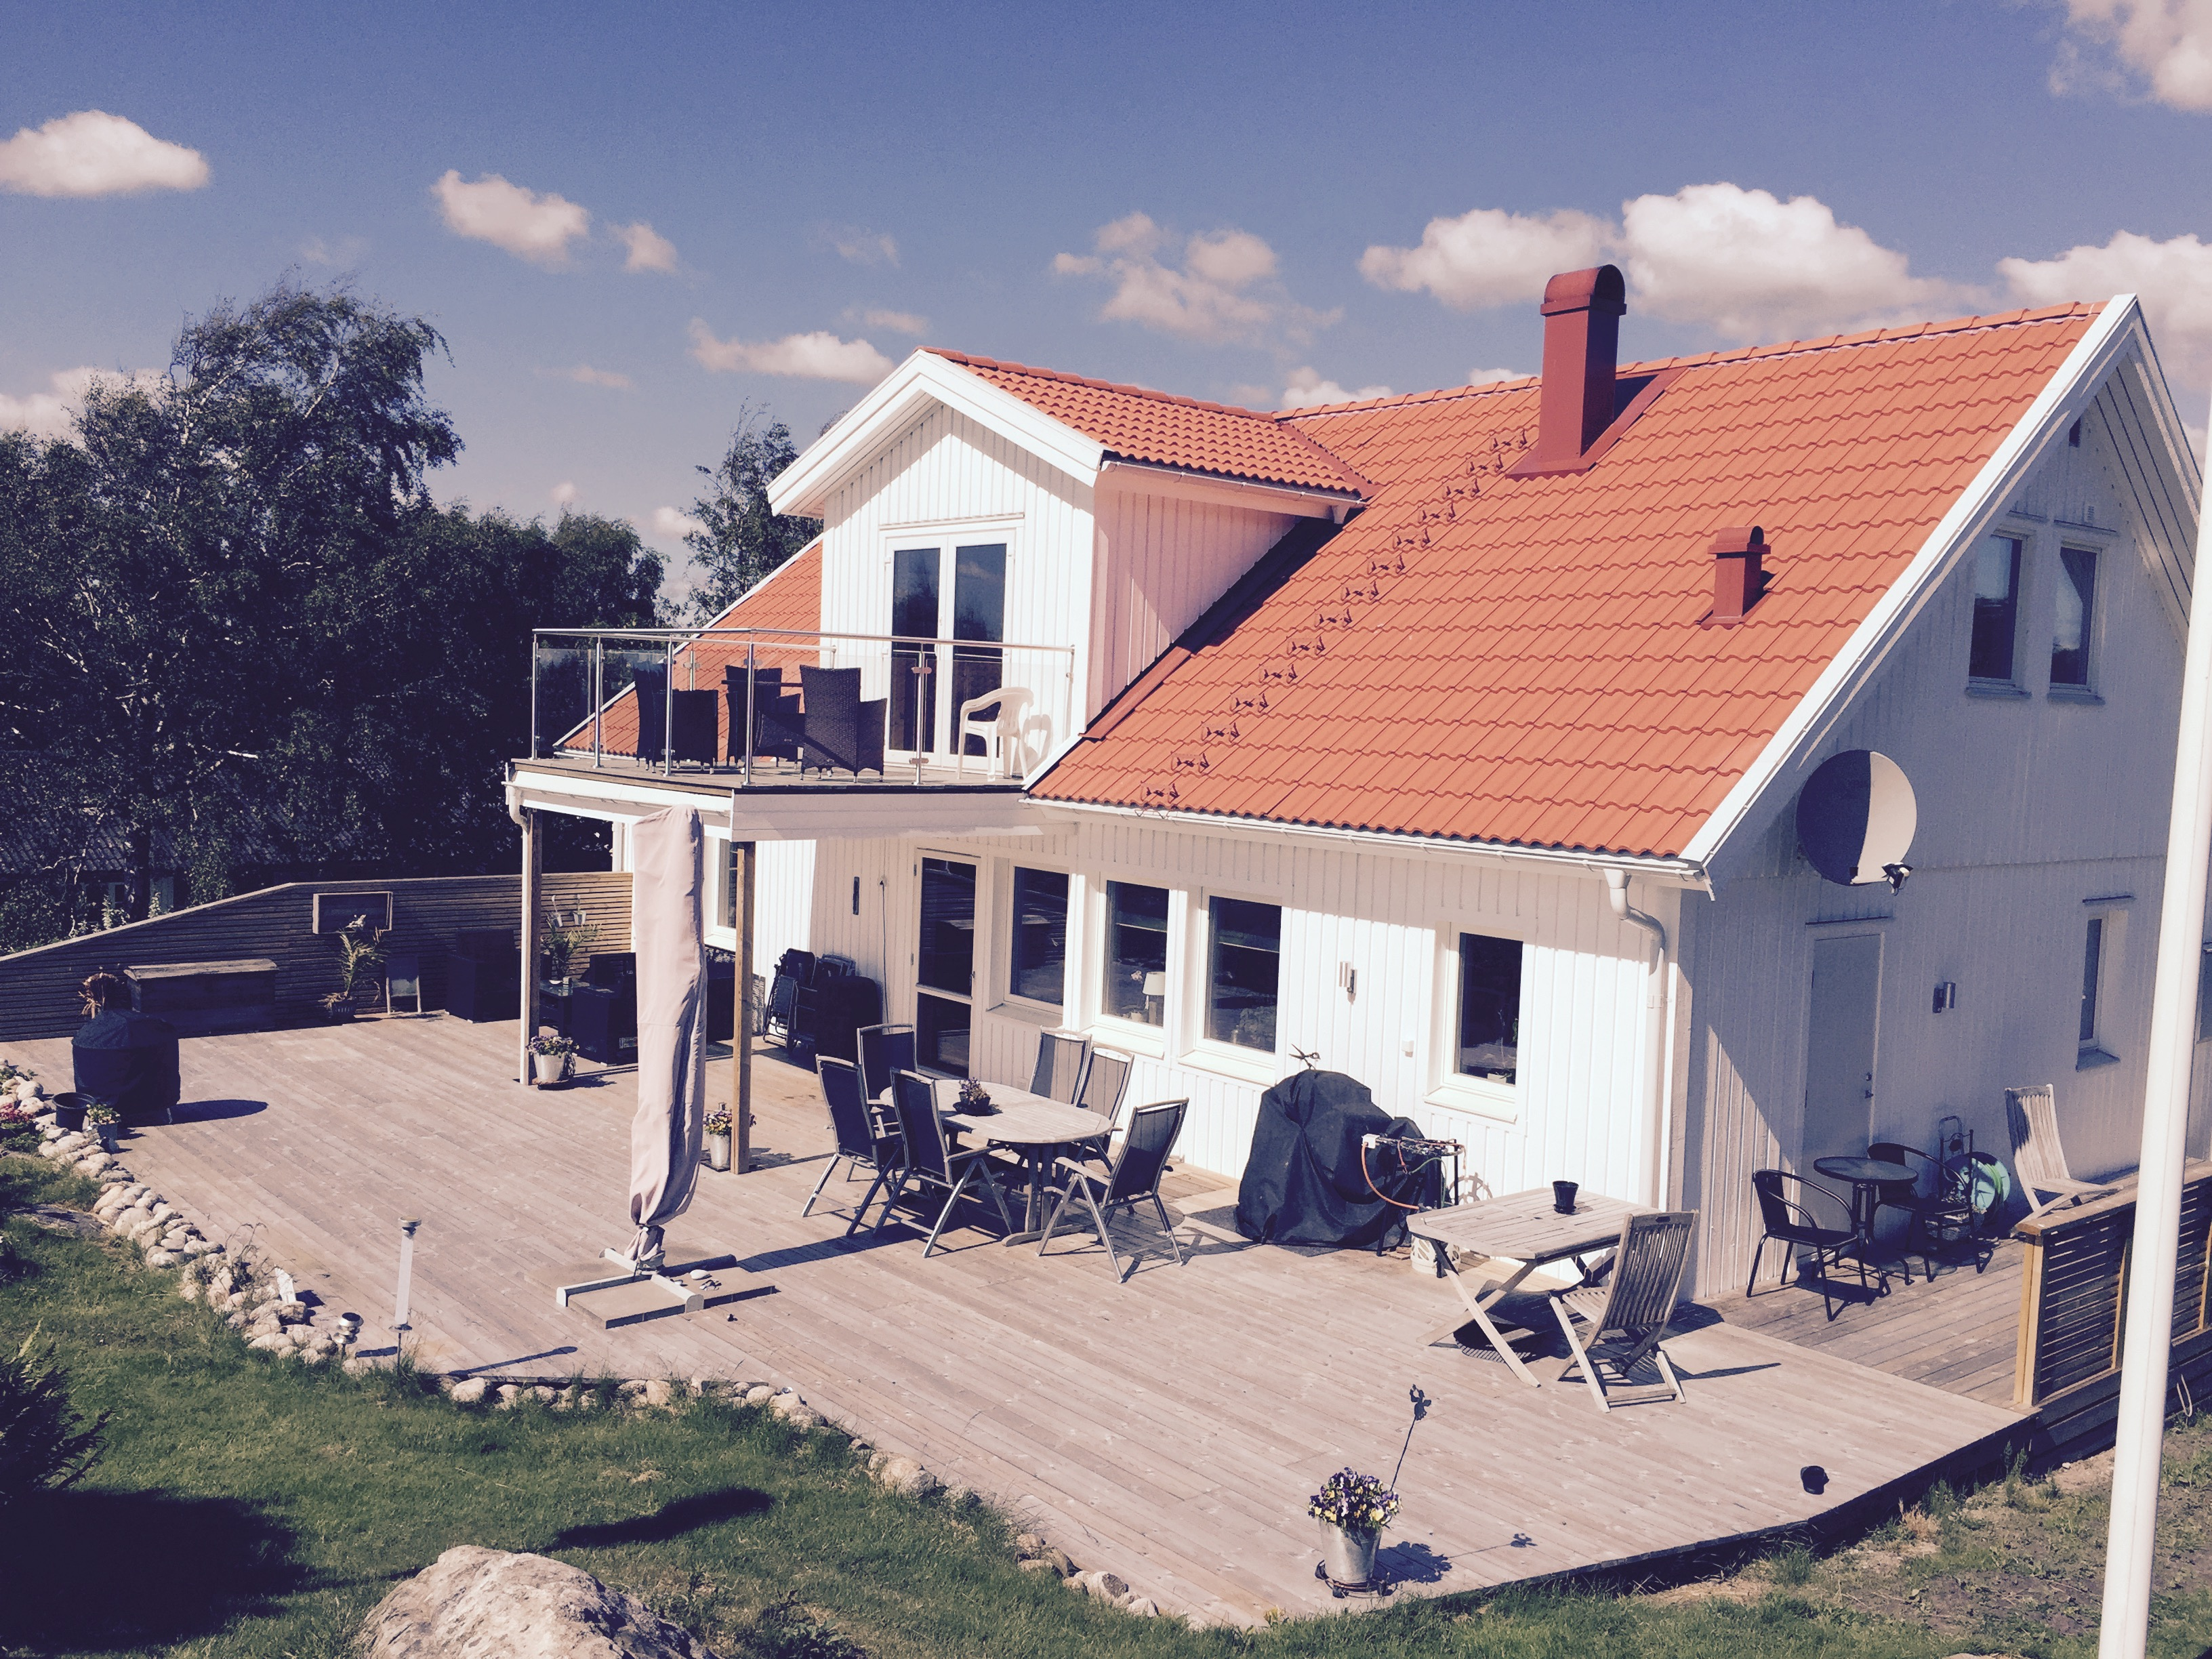 """Referensjobb """"Villabyggnation"""" utfört av Niclas Wisén Byggnads AB"""